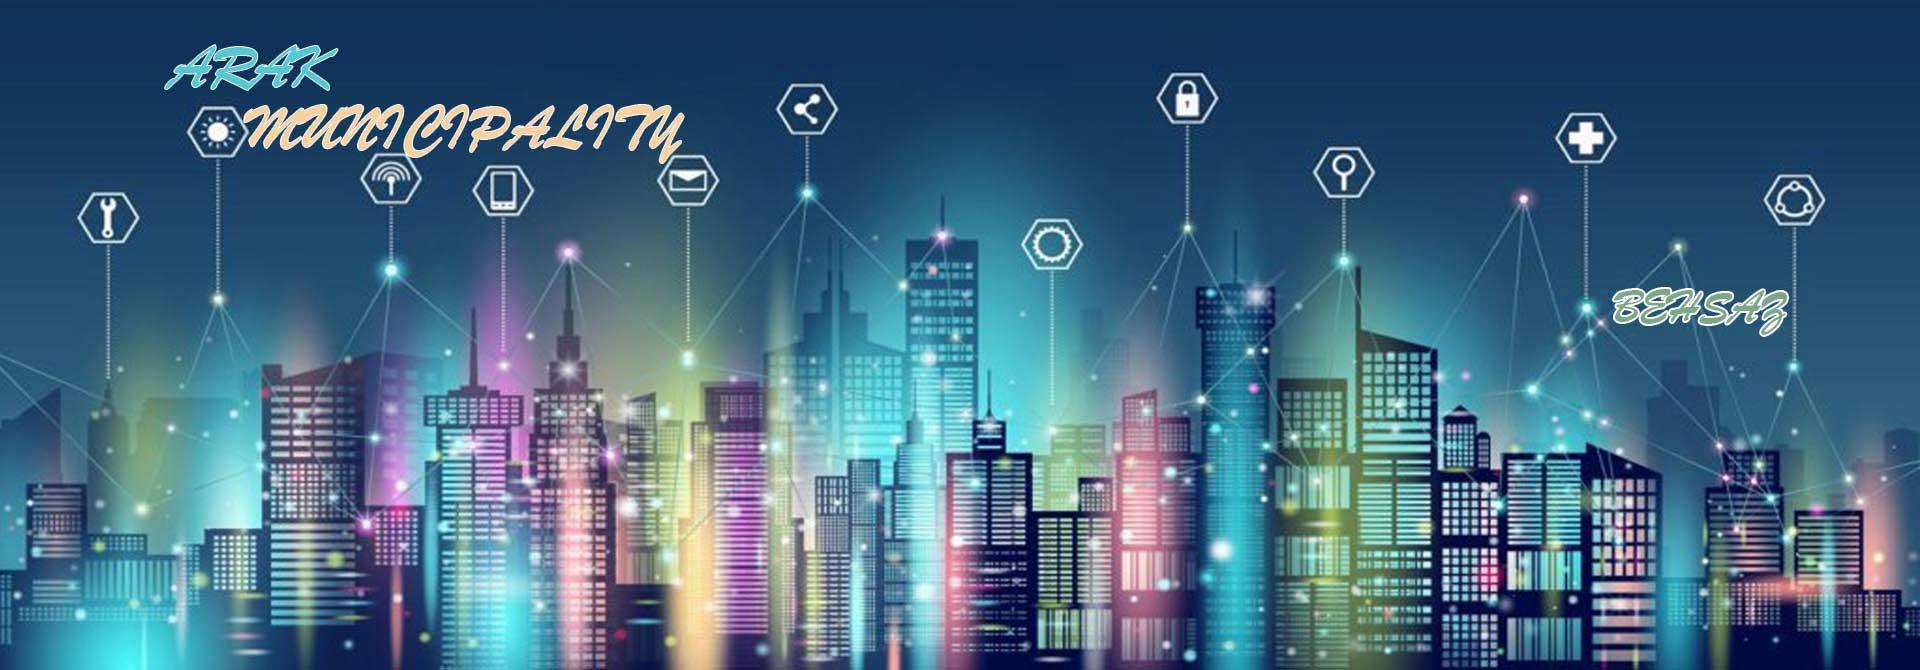 پیاده سازی اتوماسیون بهساز شهرداری اراک